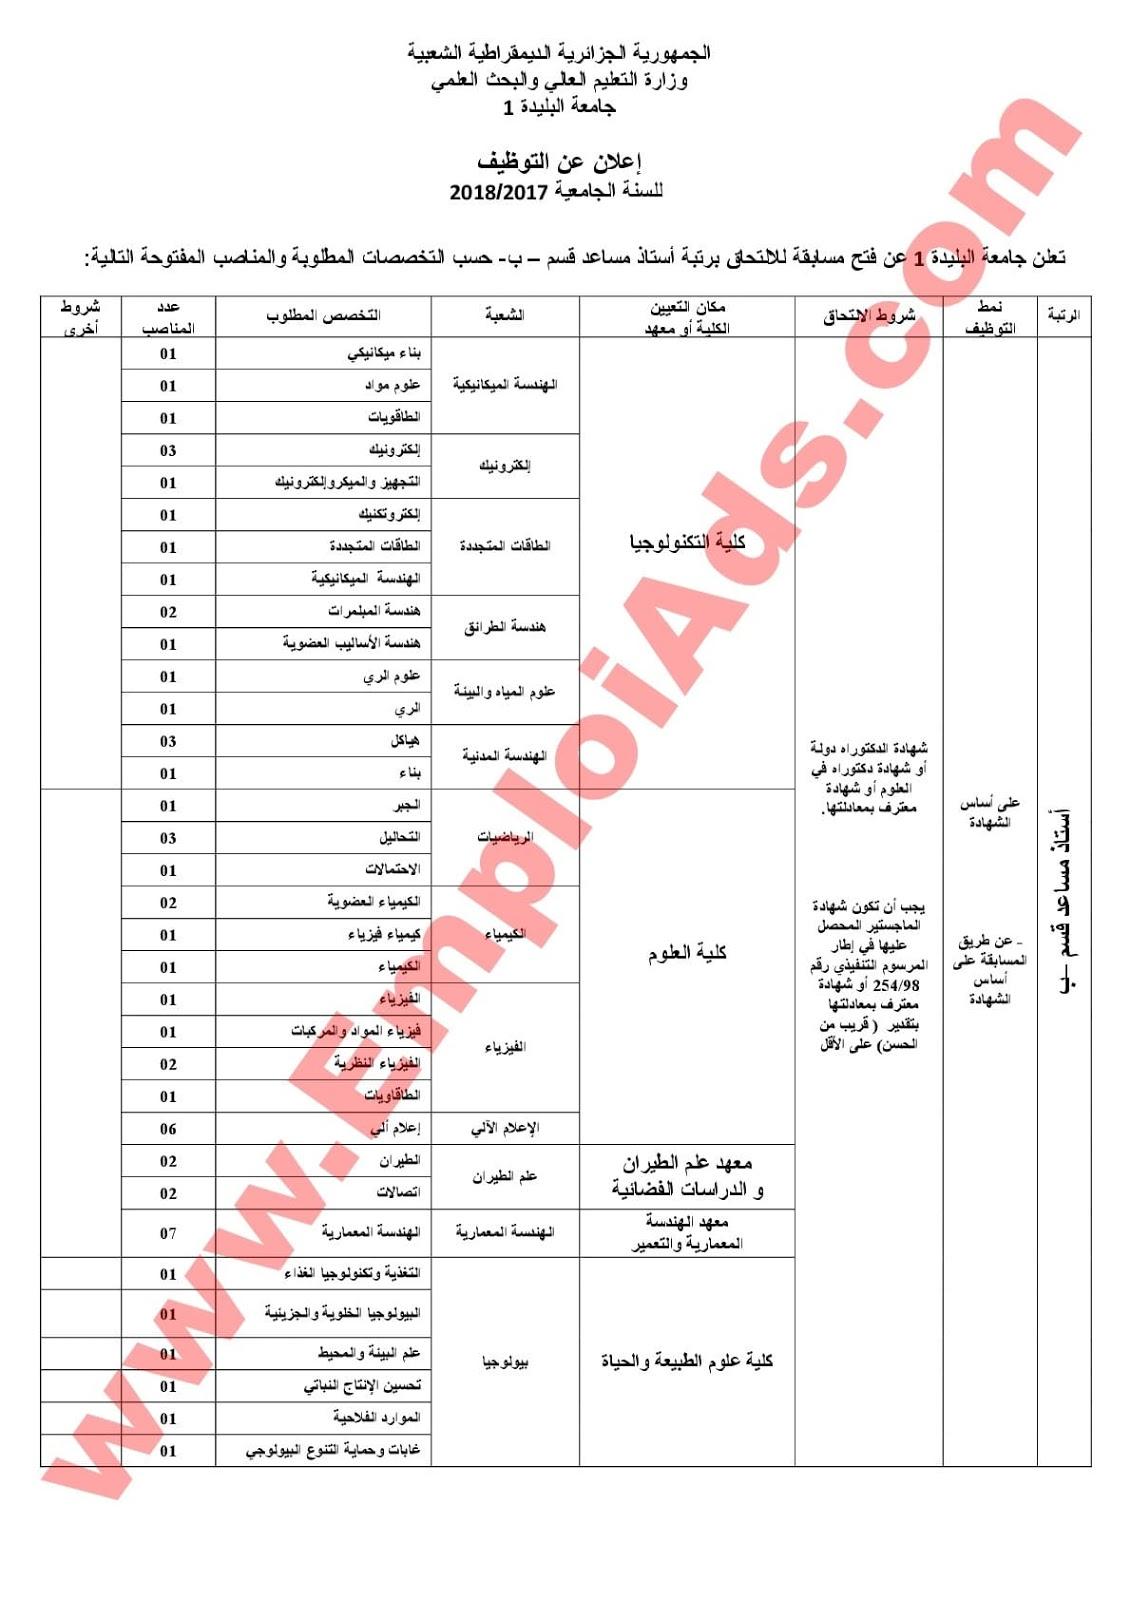 اعلان عن مسابقة توظيف أساتذة مساعدين قسم ب في جامعة سعد دحلب ولاية البليدة ماي 2017